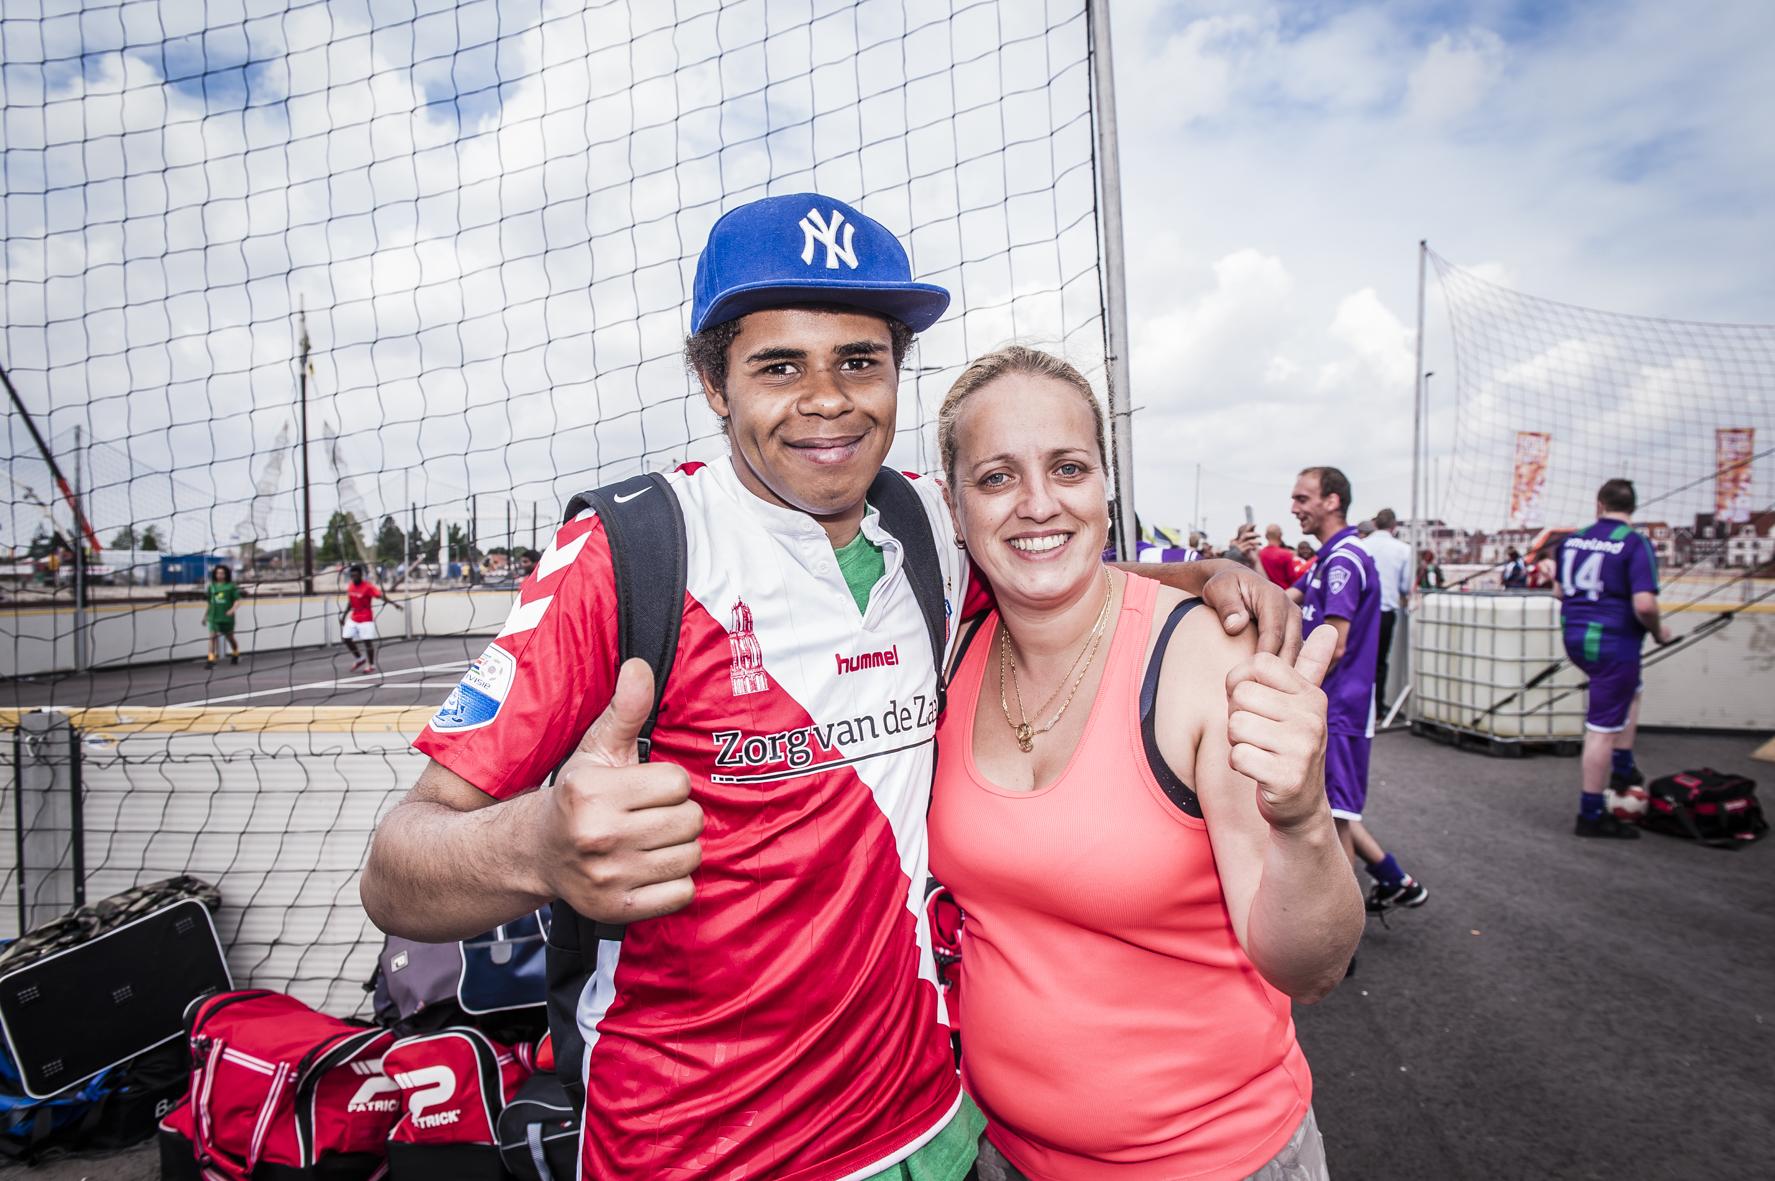 Sfeerverslag: Paling meets straat tijdens Life Goals Festival Harderwijk